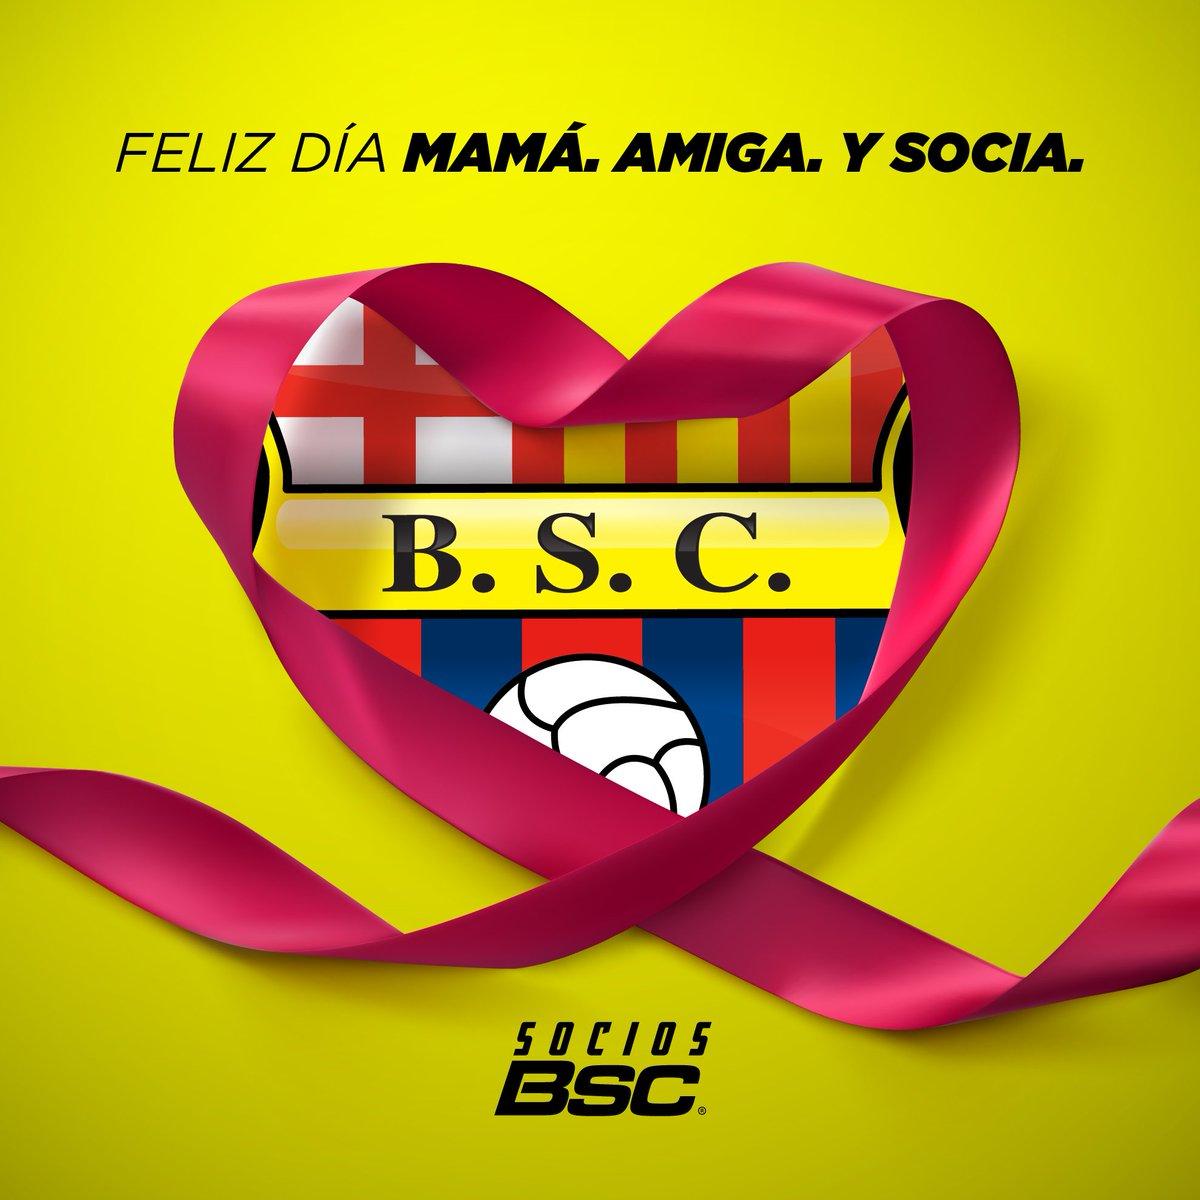 Socios Bsc On Twitter Feliz Día Mamá Amiga Y Socia